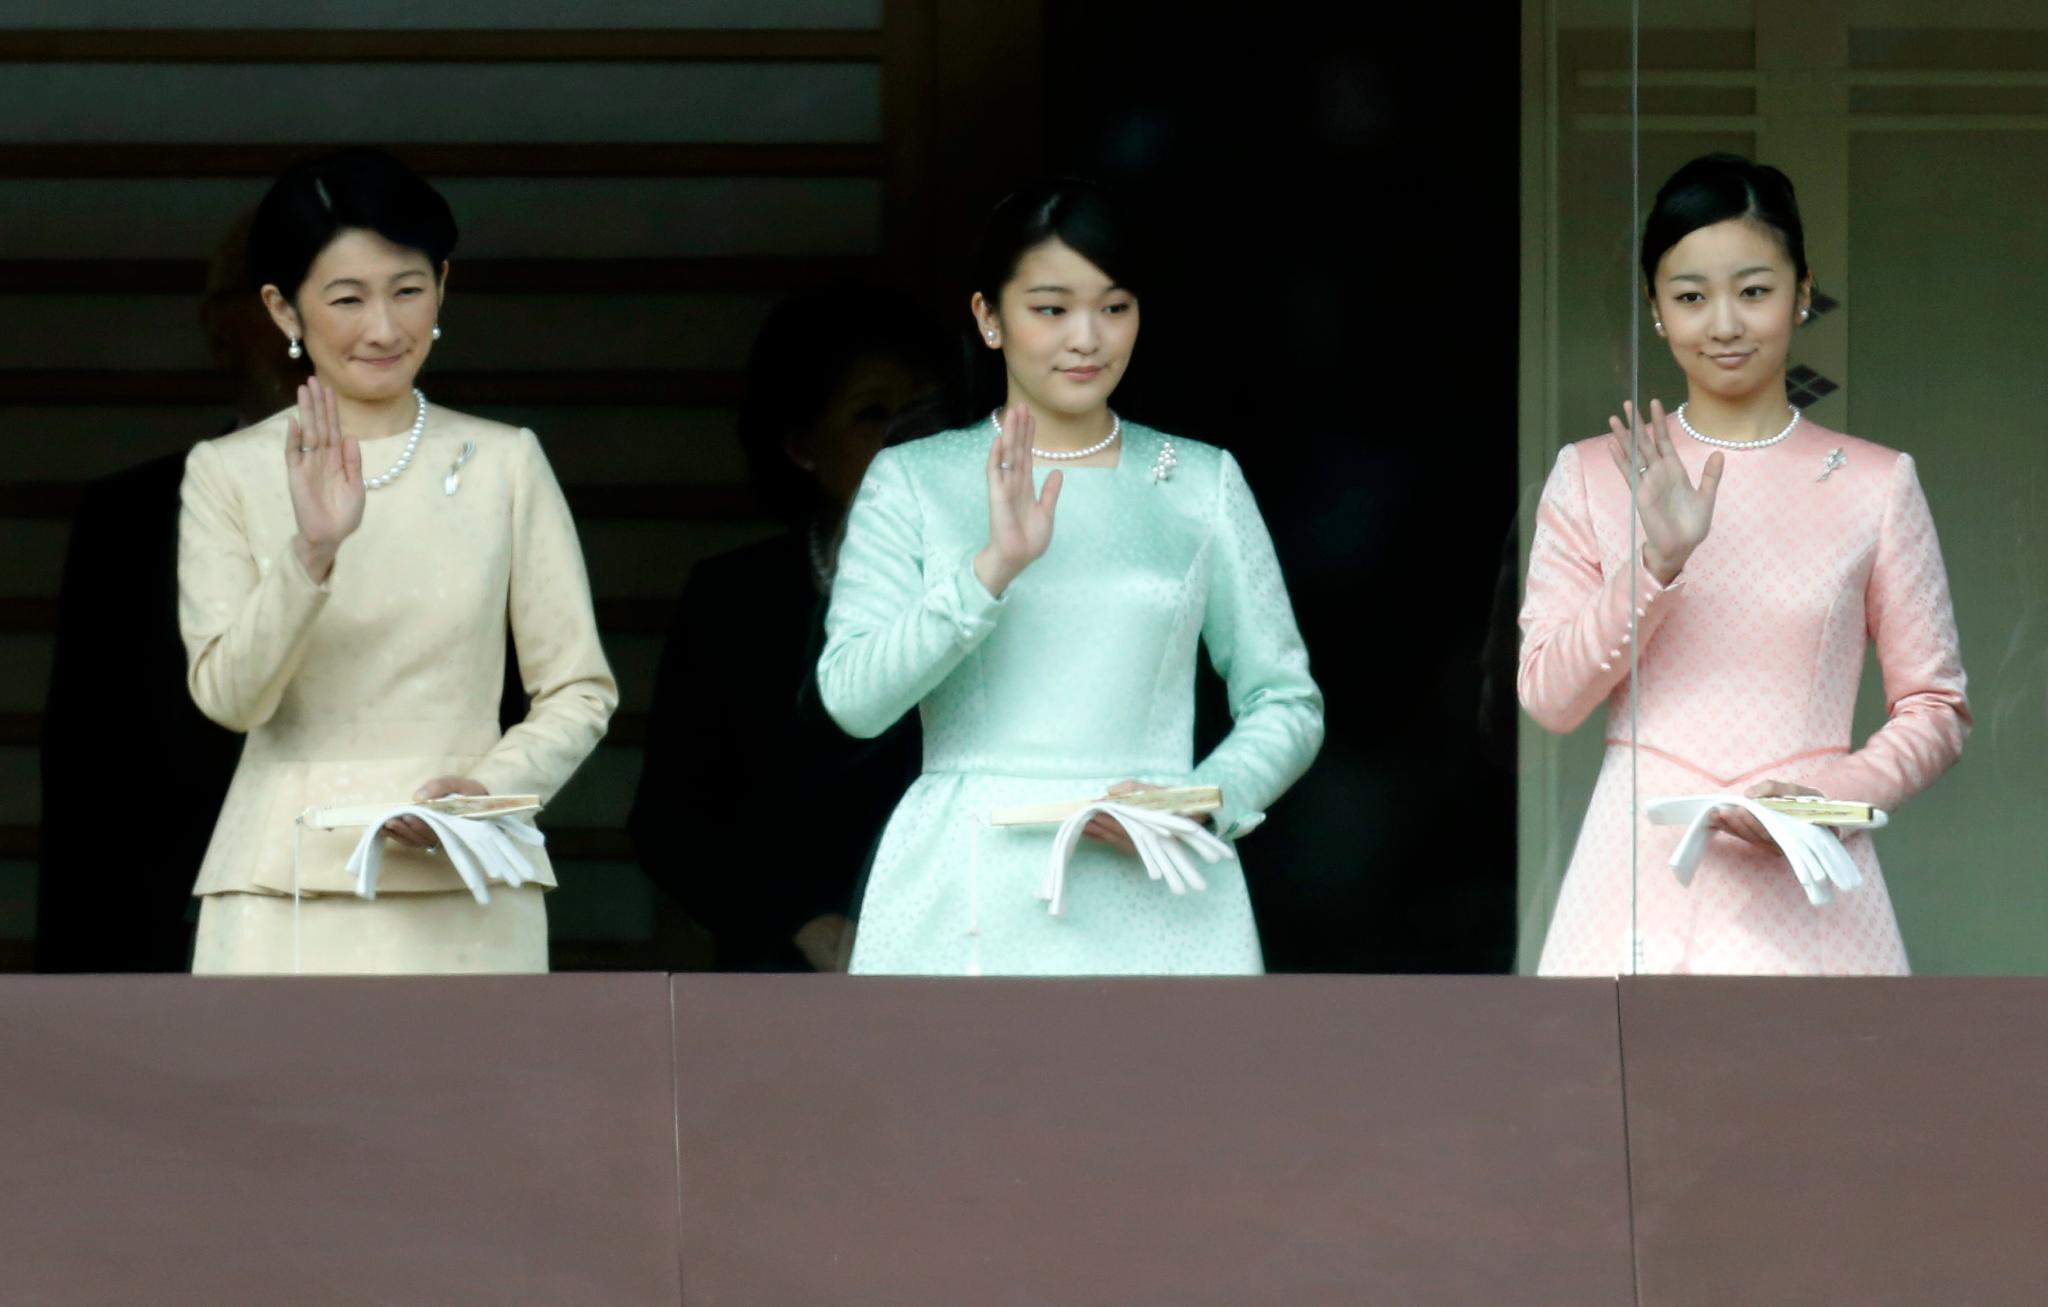 Typisches Bild: Prinzessin Mako und ihre Schwester Kako (rechts) zeigen sich gemeinsam mit ihrer Mutter Kiko auf dem Balkon des kaiserlichen Palastes. Bei solchen Auftritten jubeln Tausende der Familie des Tenno zu.